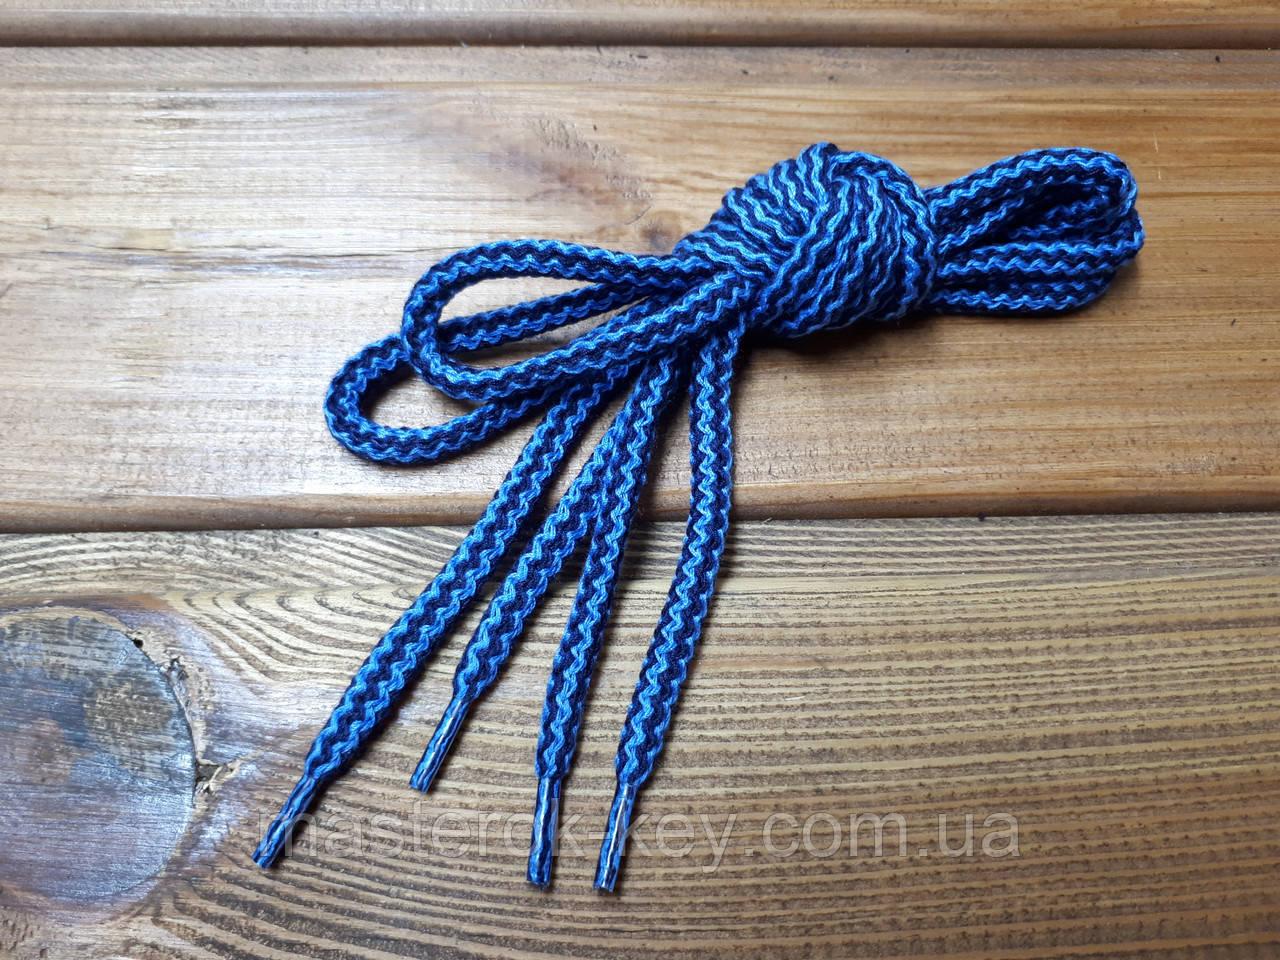 Шнурки обувные круглые 100см цвет синий+темно синий 322+285 (3.4)